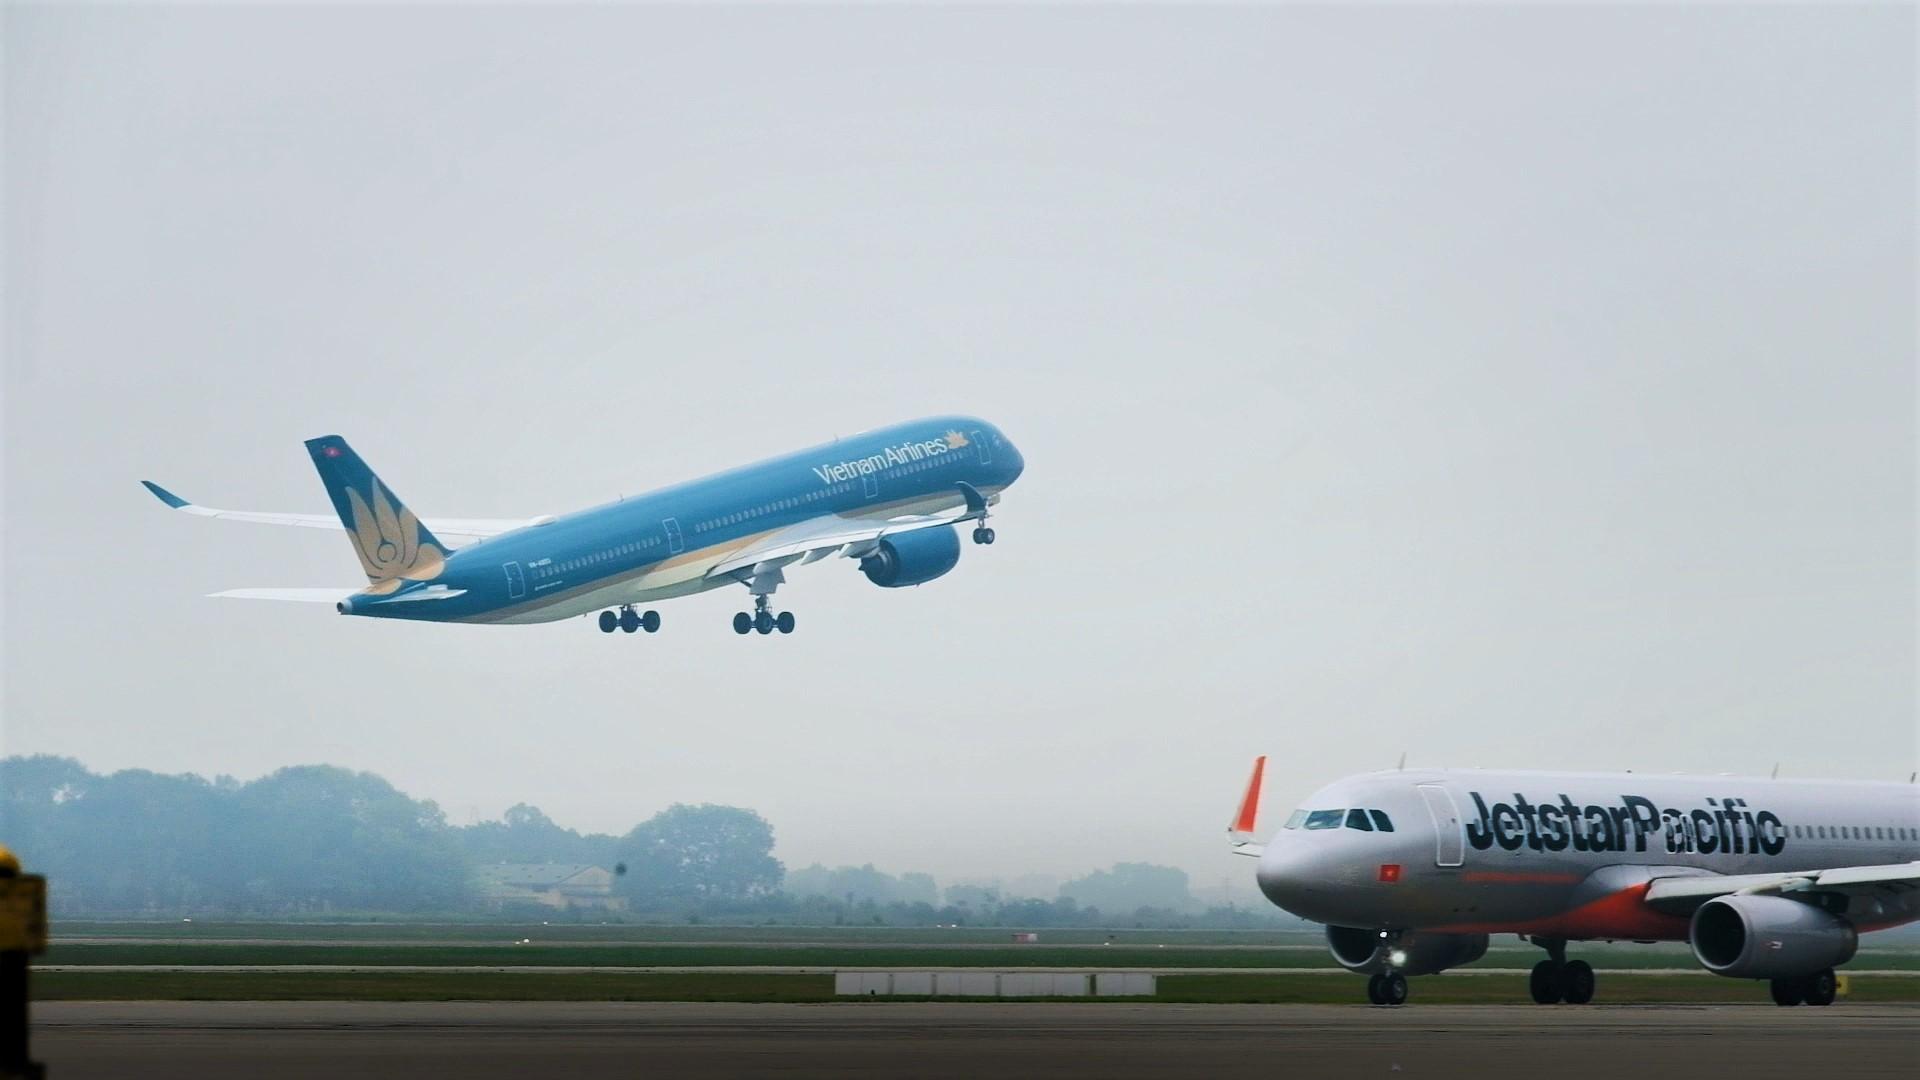 Hàng loạt các chuyến bay đi/đến sân bay Tân Sơn Nhất bị ảnh hưởng.